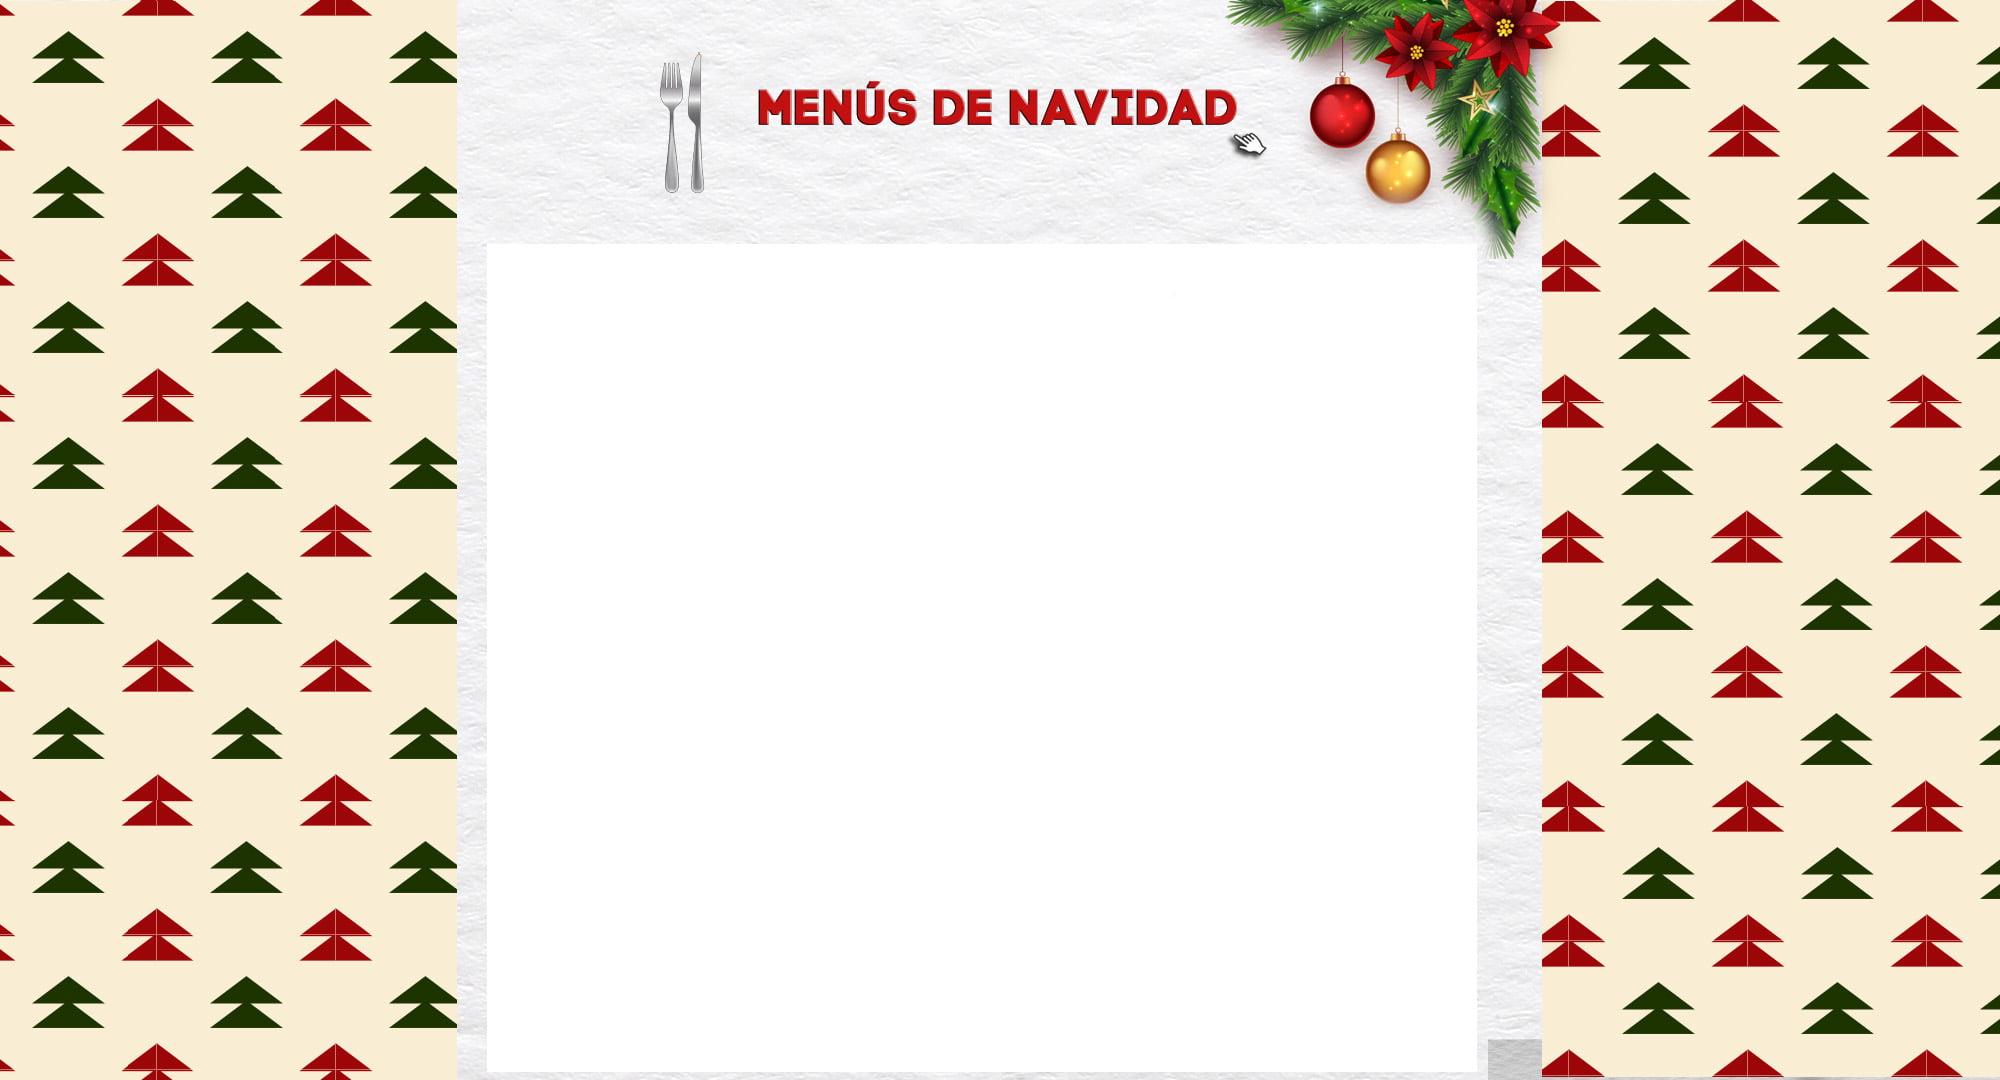 Weihnachts-Haut-Menü - Dénia.com